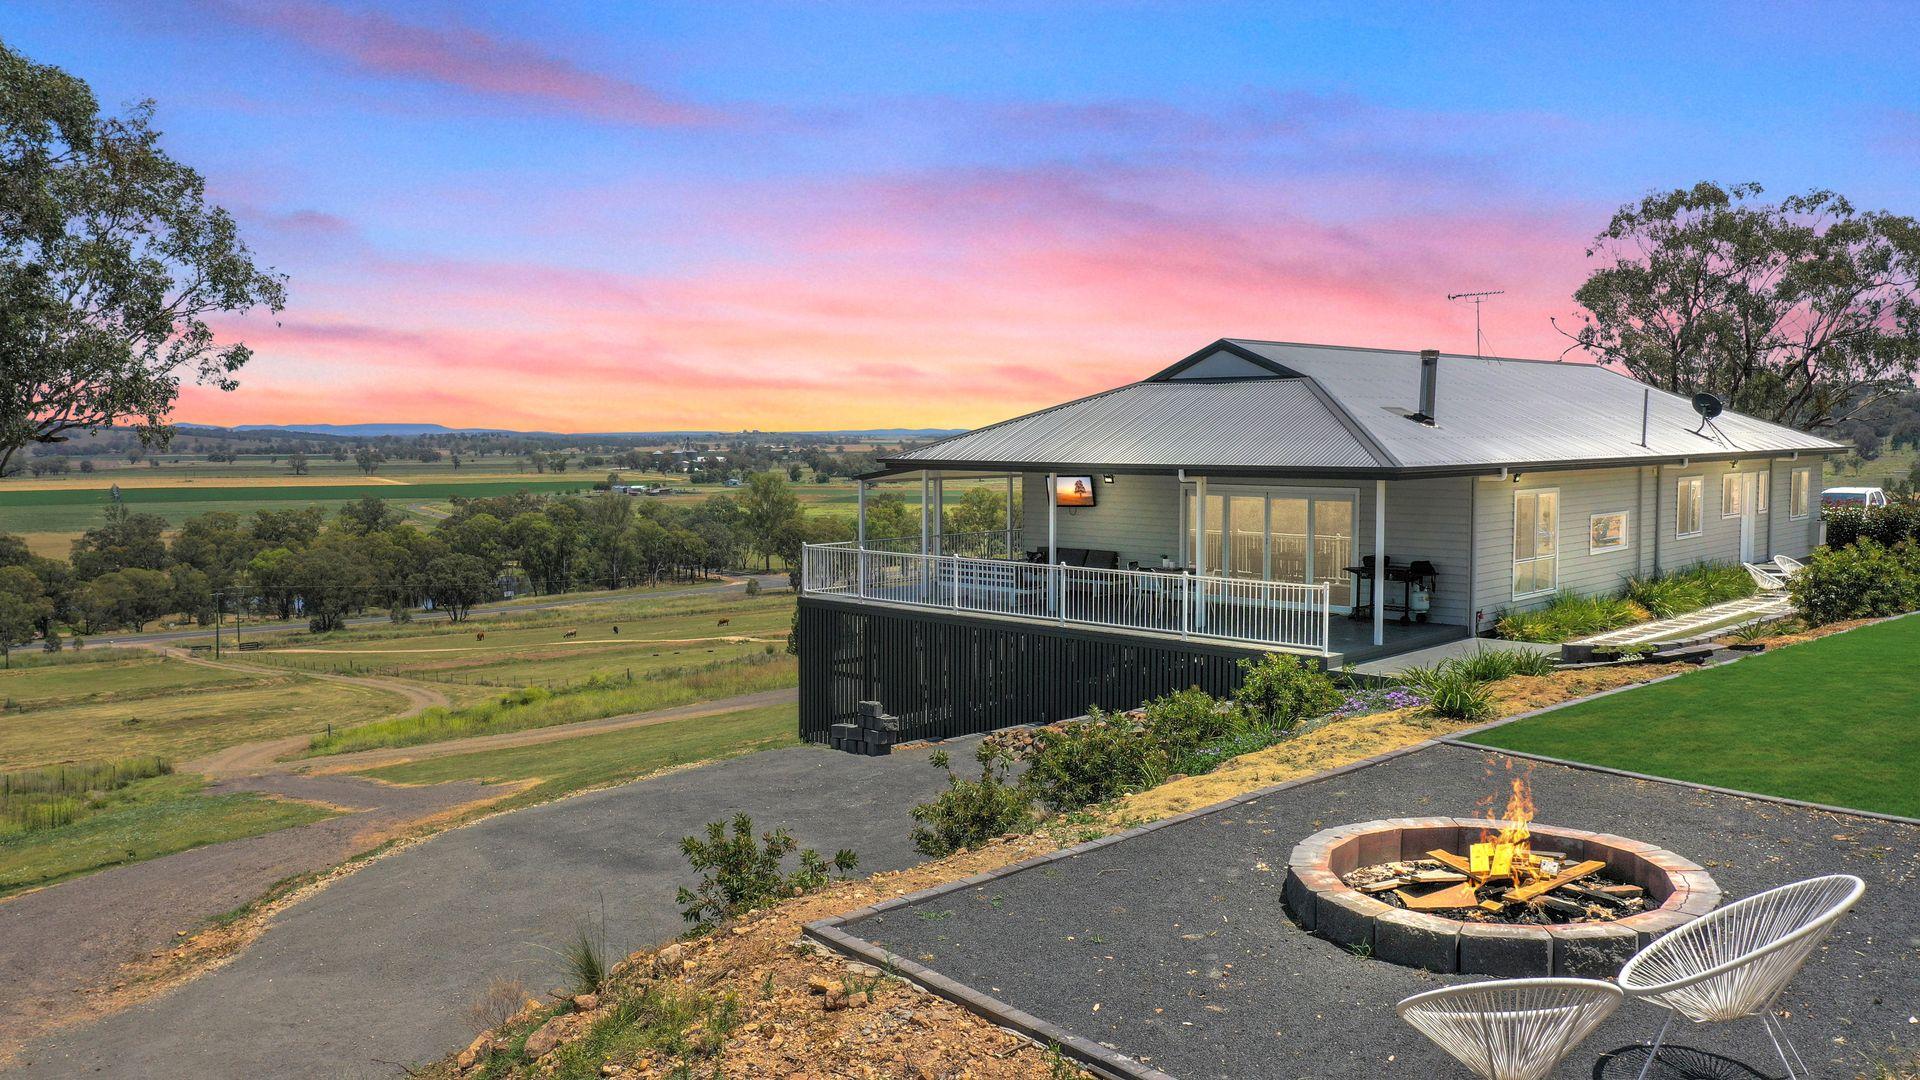 1702 Kamilaroi Highway, Quirindi NSW 2343, Image 0